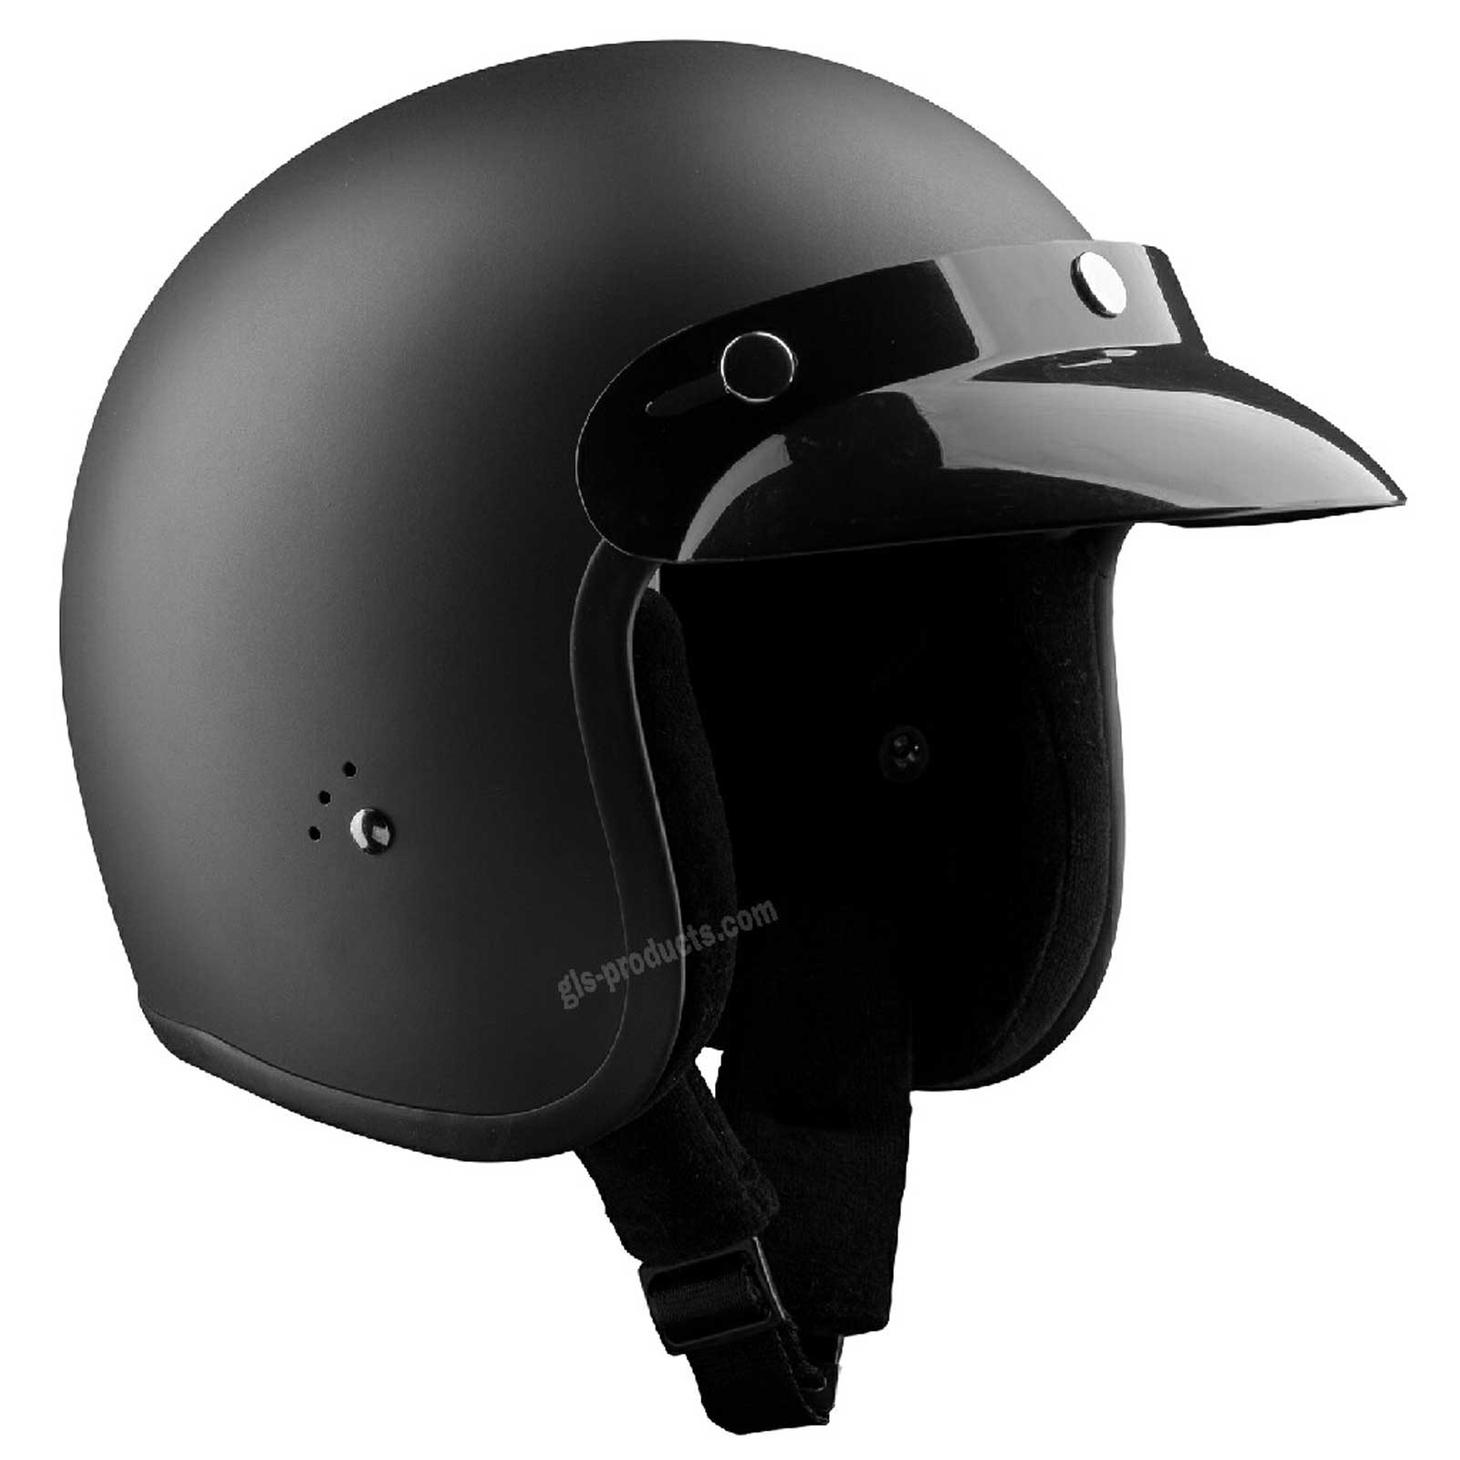 Bandit Jet Helmet - Matte Black Motorcycle Helmet – Picture 4